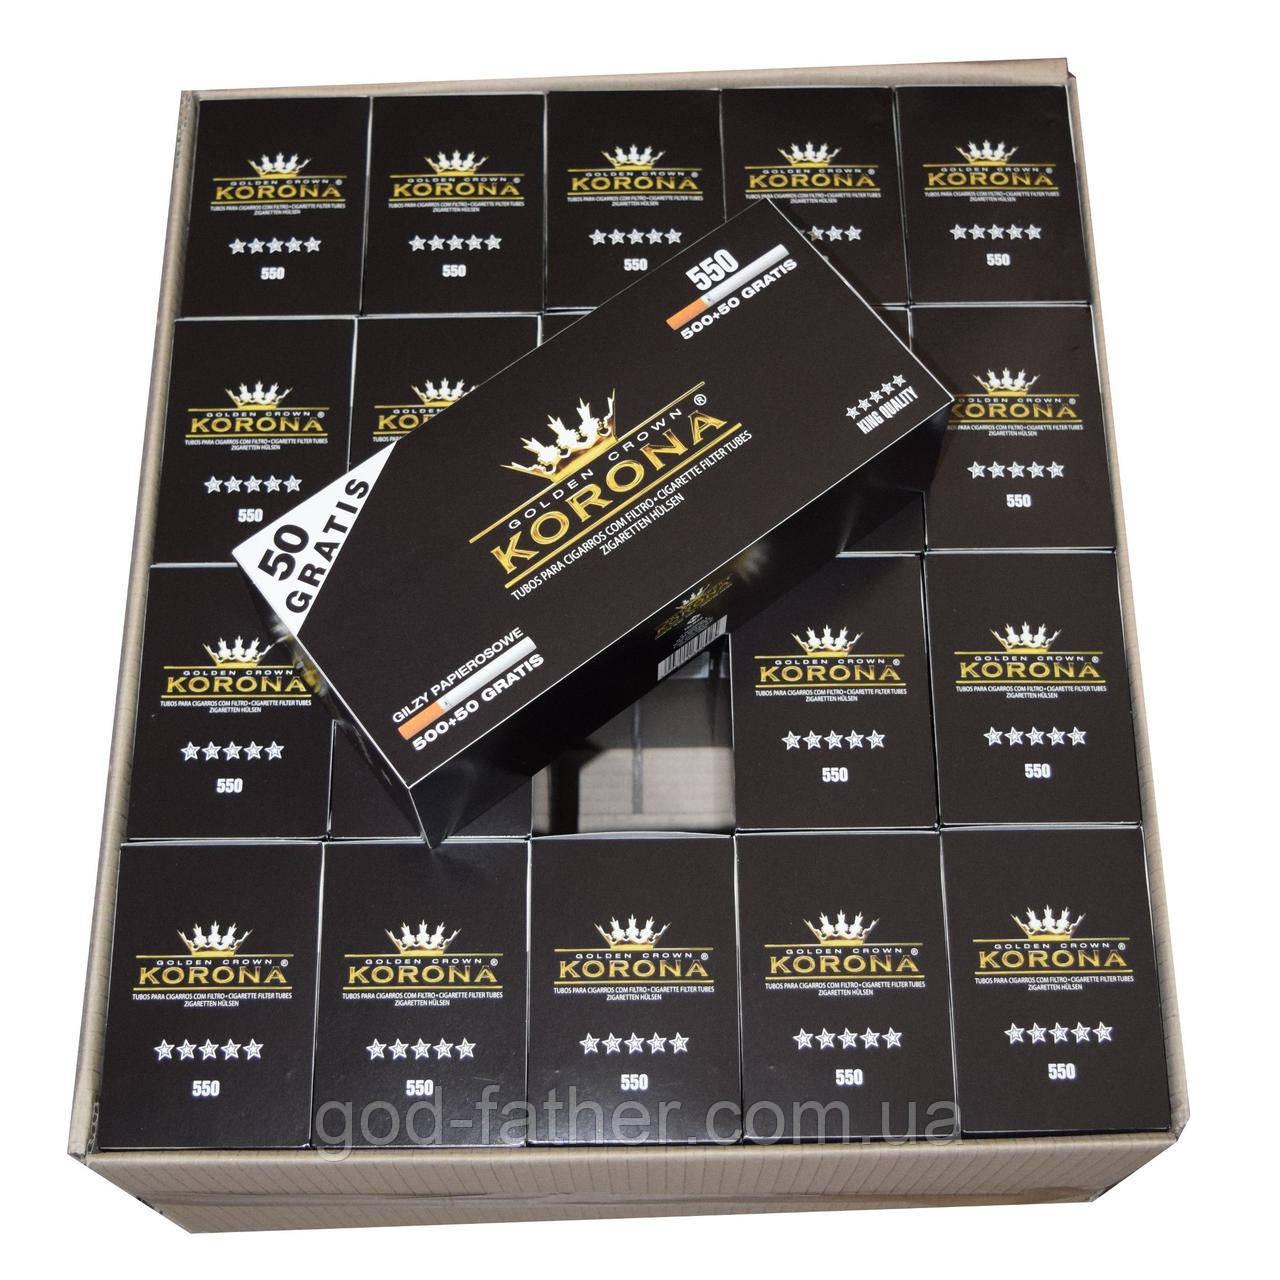 Сигаретные гильзы для набивки табаком 11000шт Корона